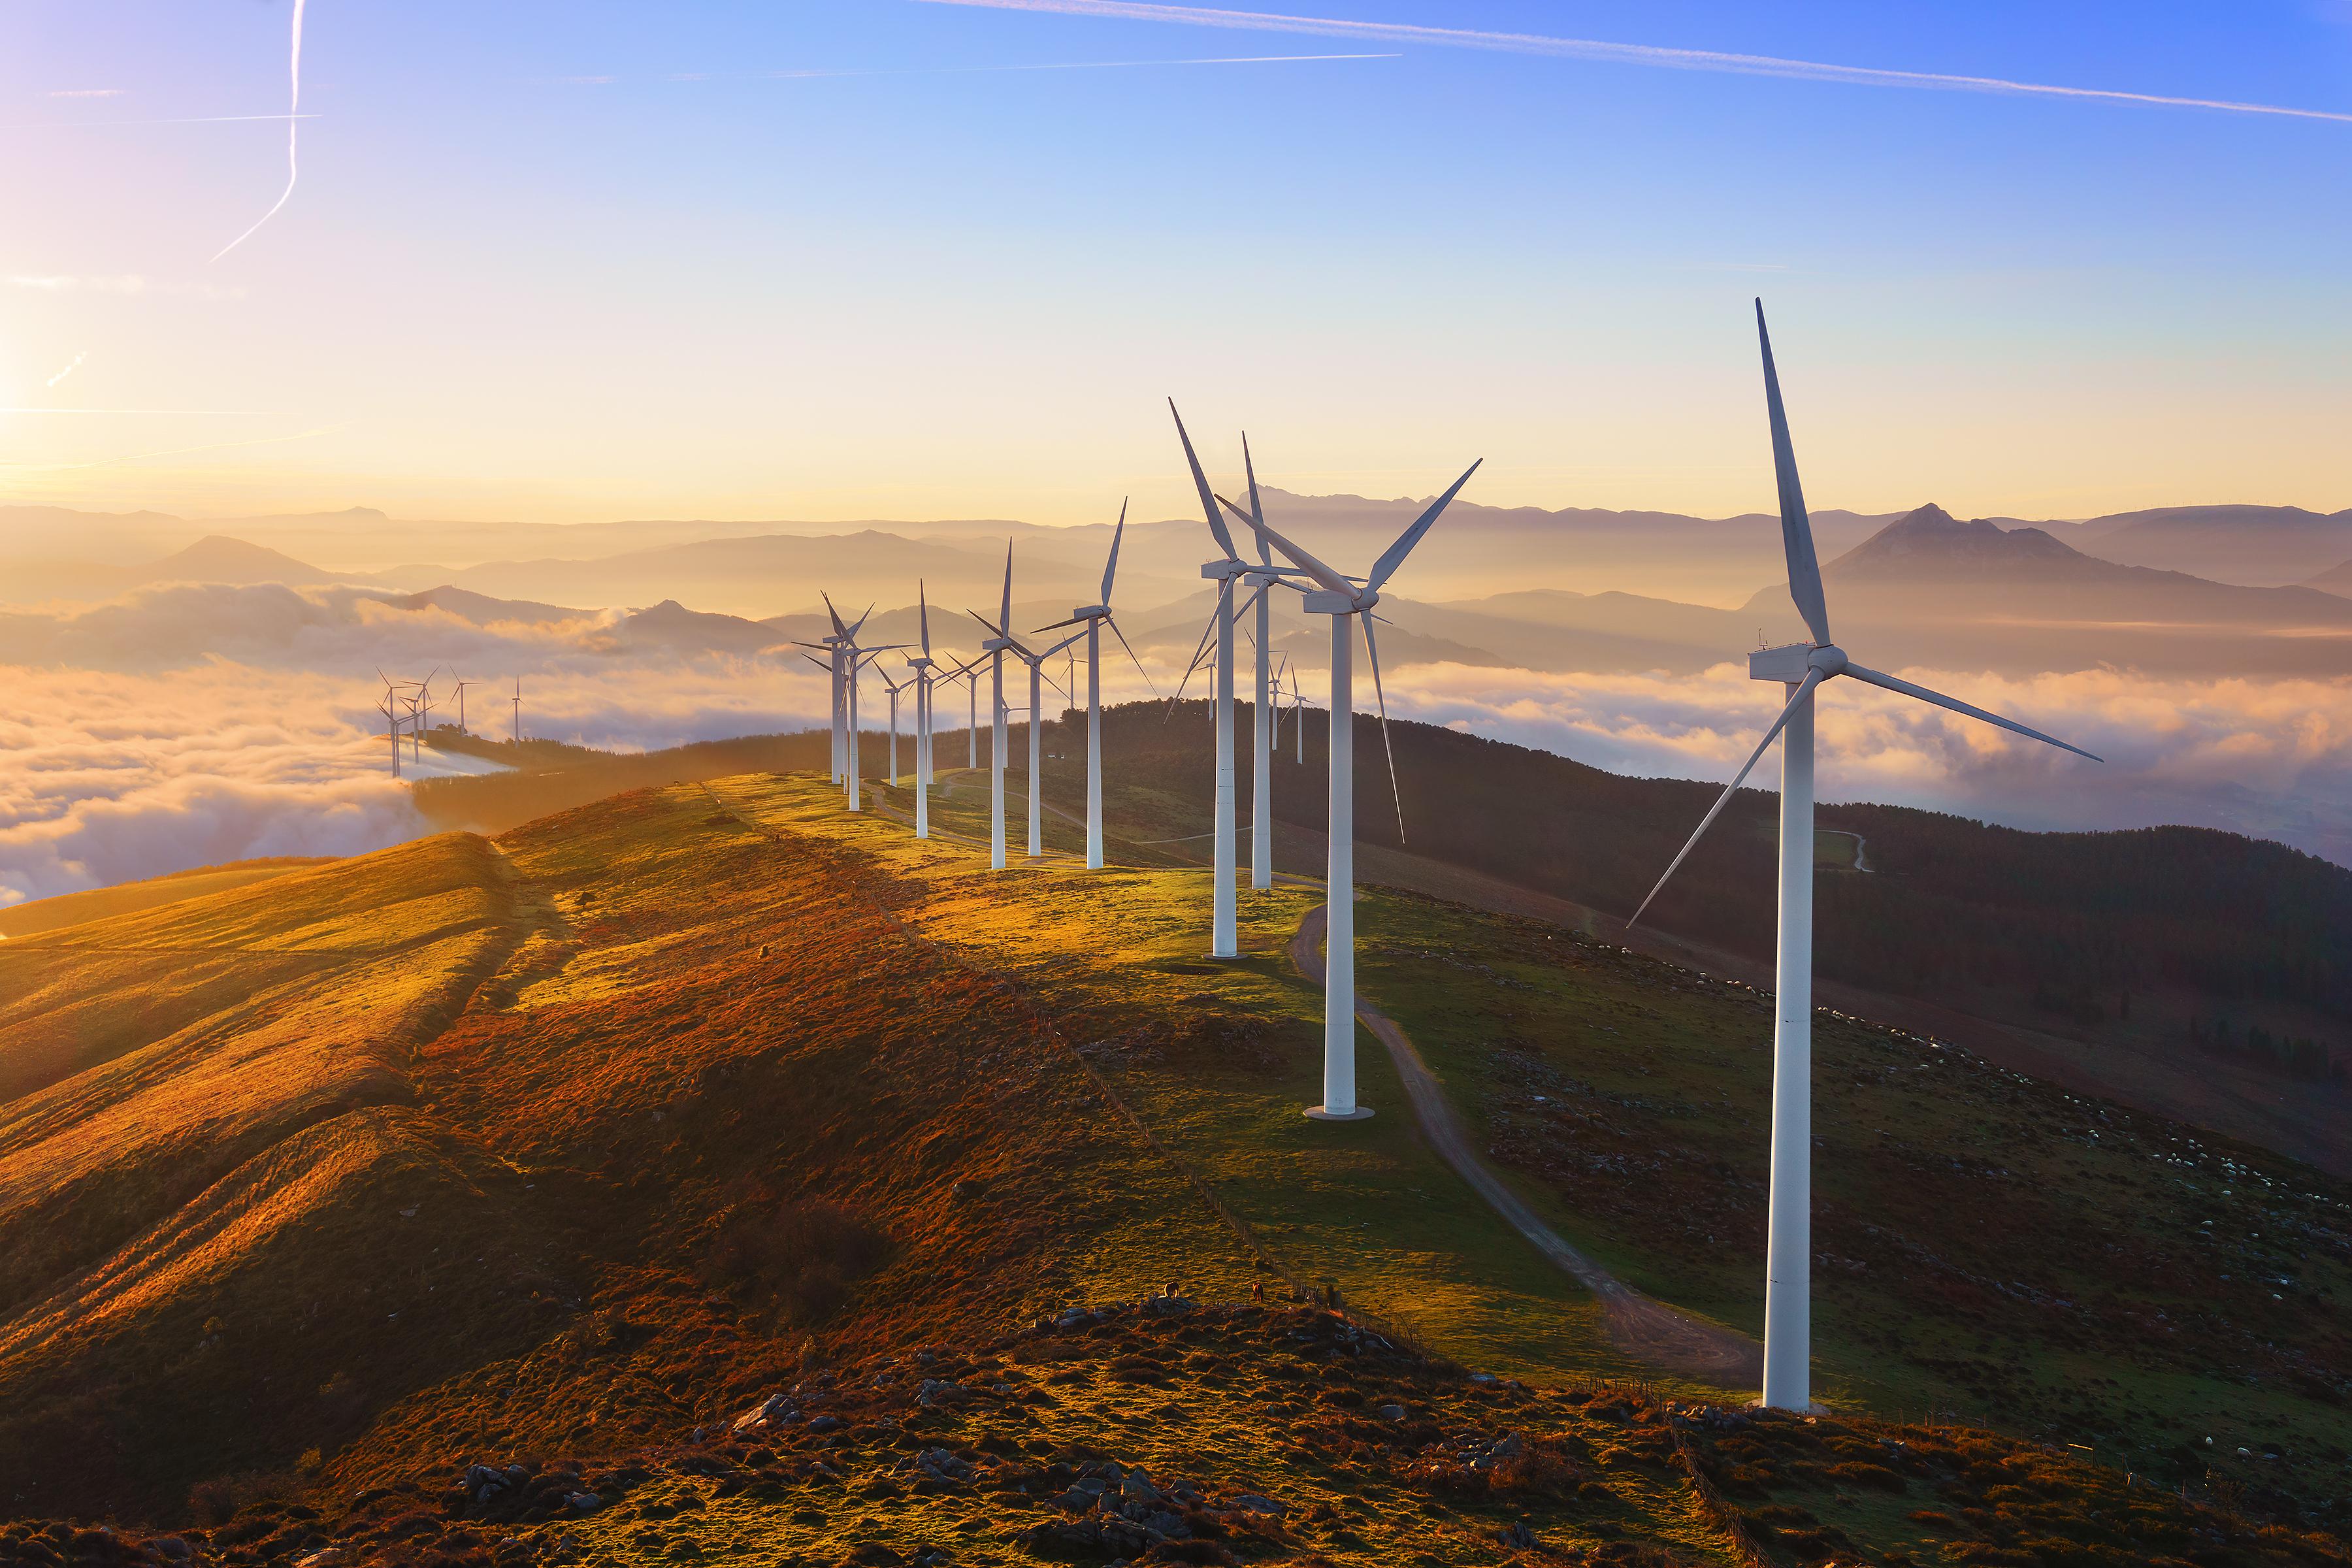 Wind turbines on mountain